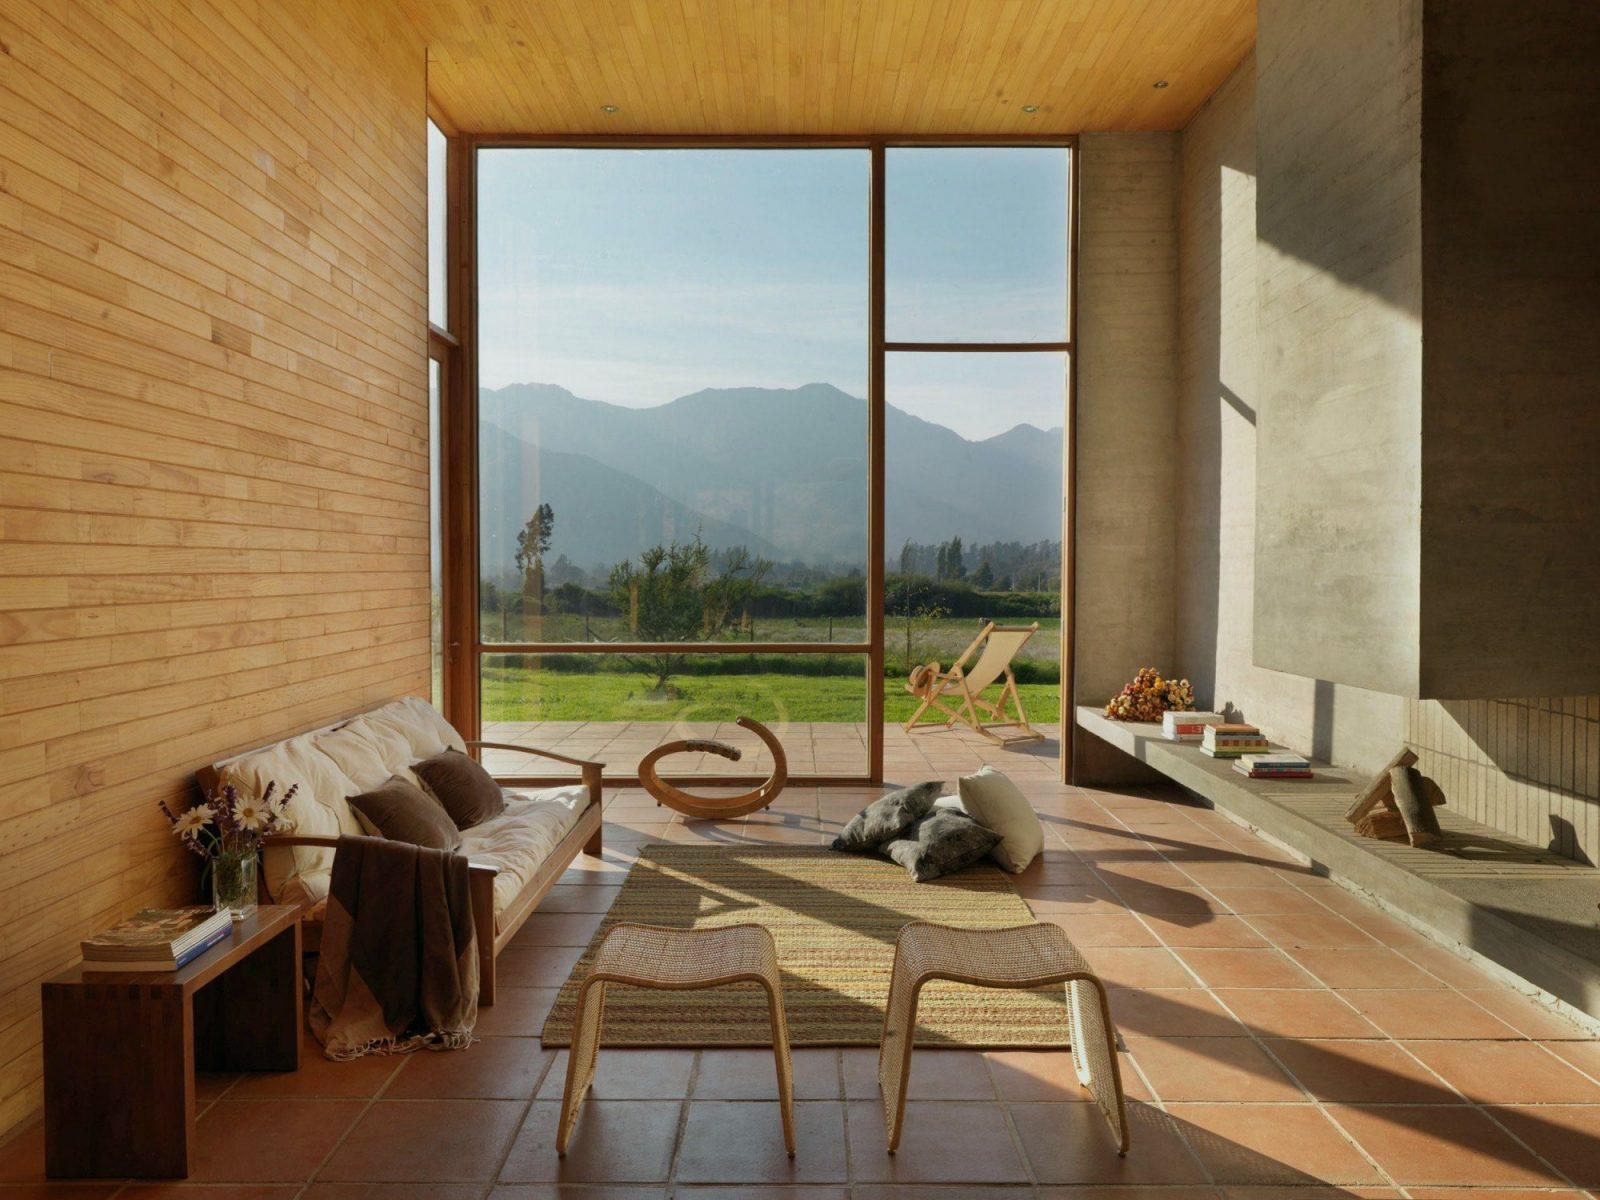 Gardinen Bodentiefe Fenster Fantastisch Und Frisch Schickes von Gardinen Ideen Für Bodentiefe Fenster Photo